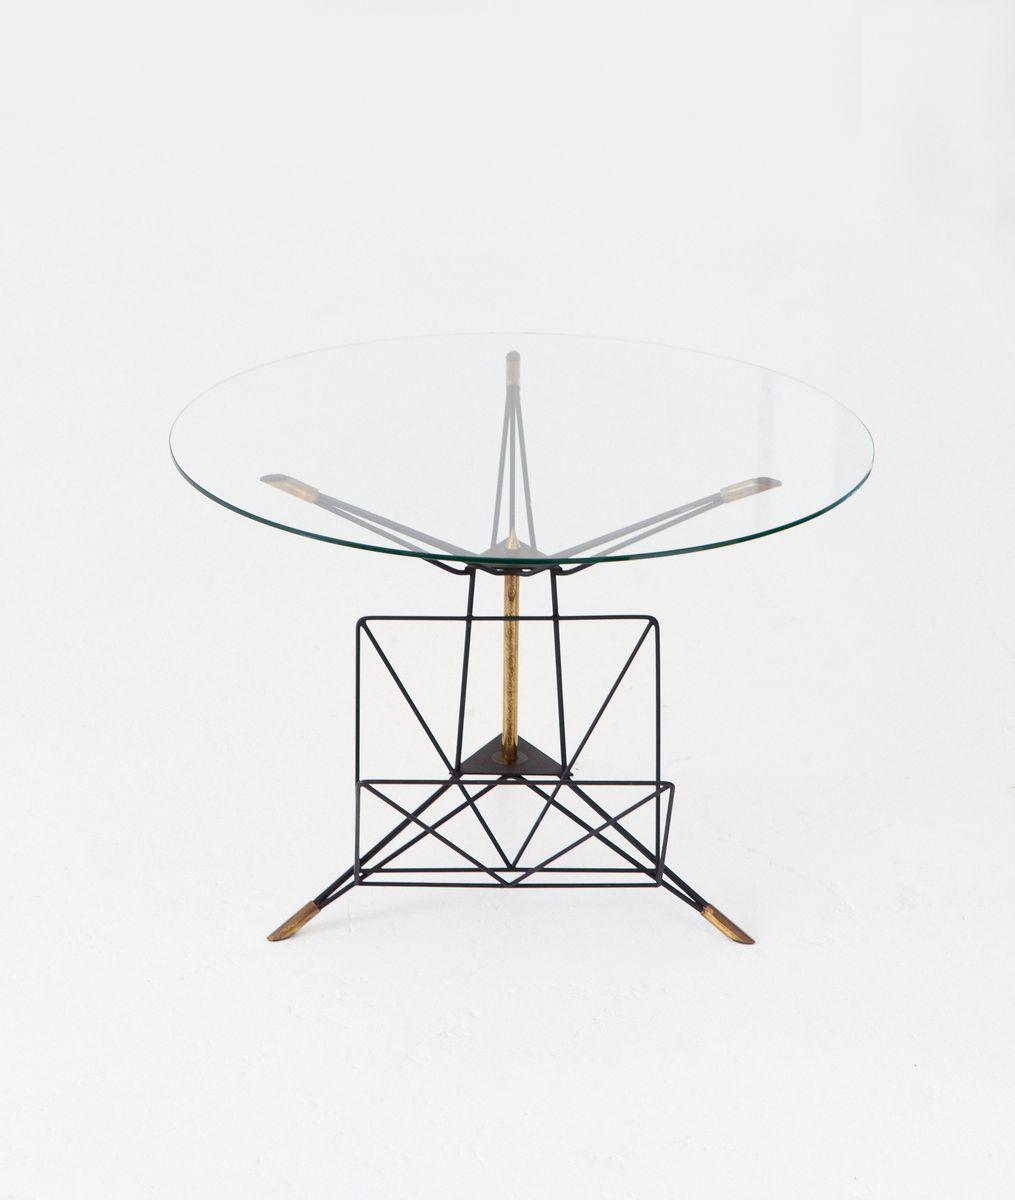 Runder italienischer Couchtisch im modernen Stil mit Rahmen aus Eisen ...